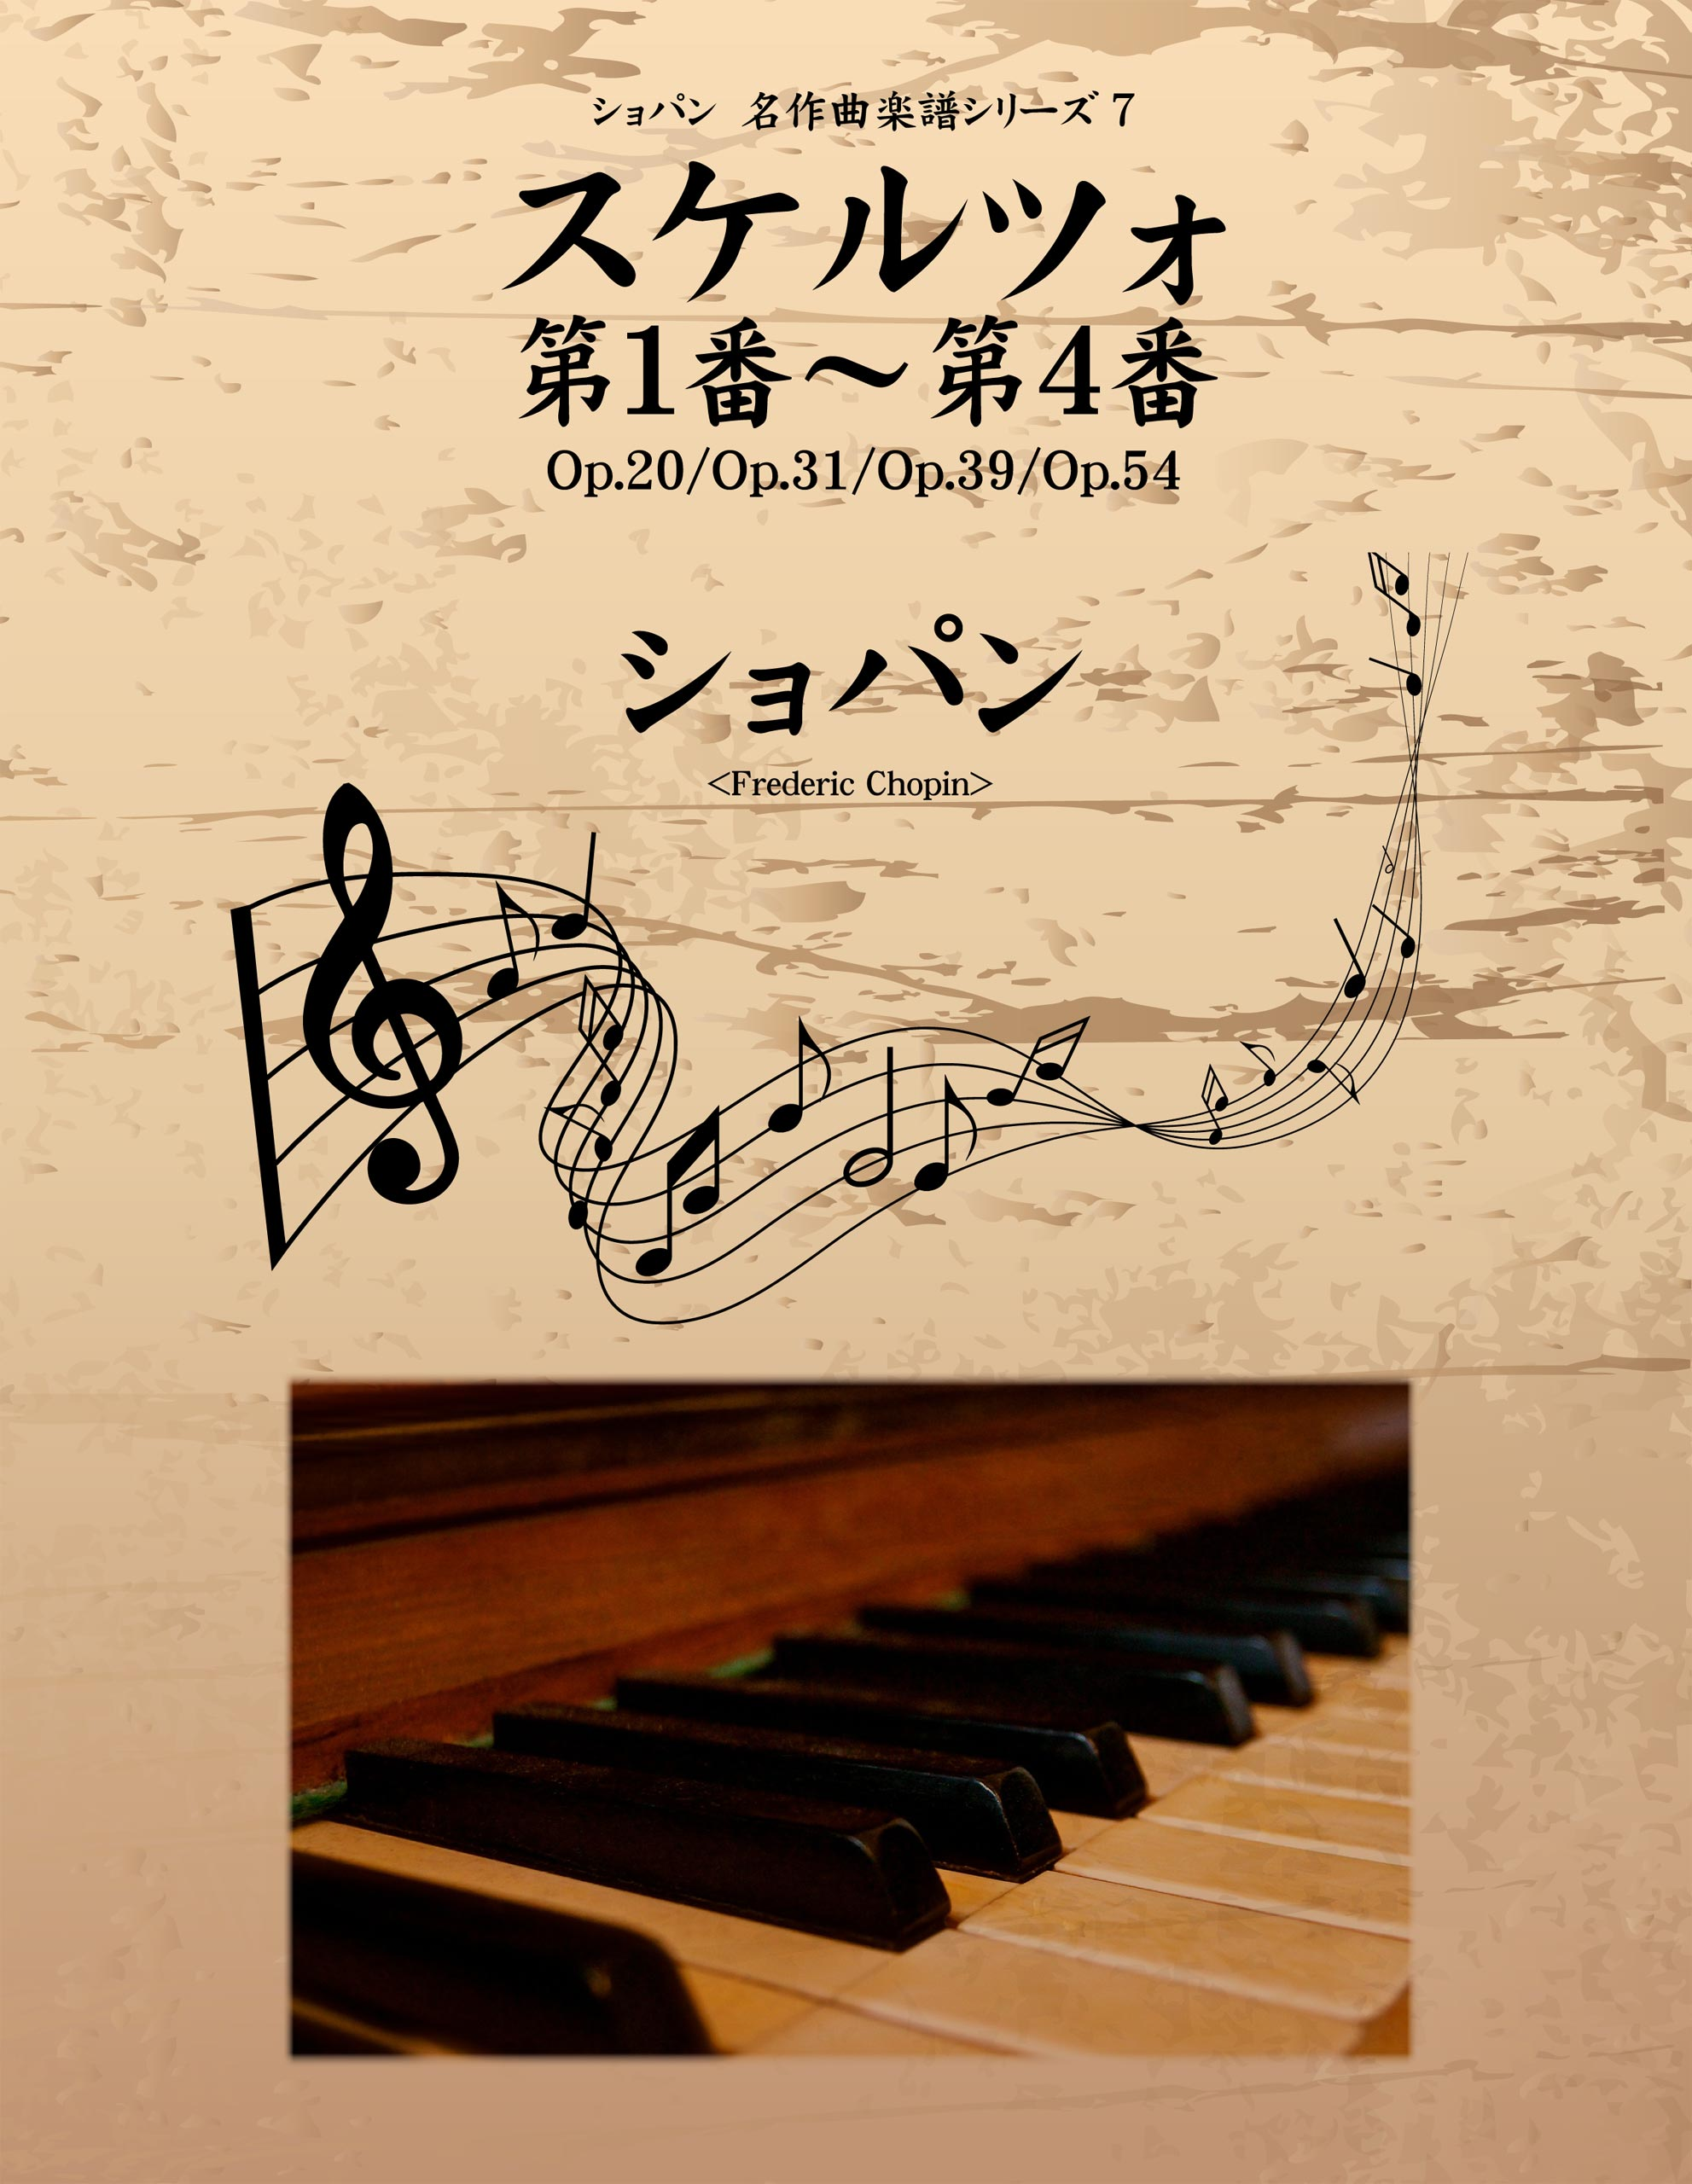 ショパン 名作曲楽譜シリーズ7 スケルツォ第1番~第4番 Op.20/Op.31/Op.39/Op.54